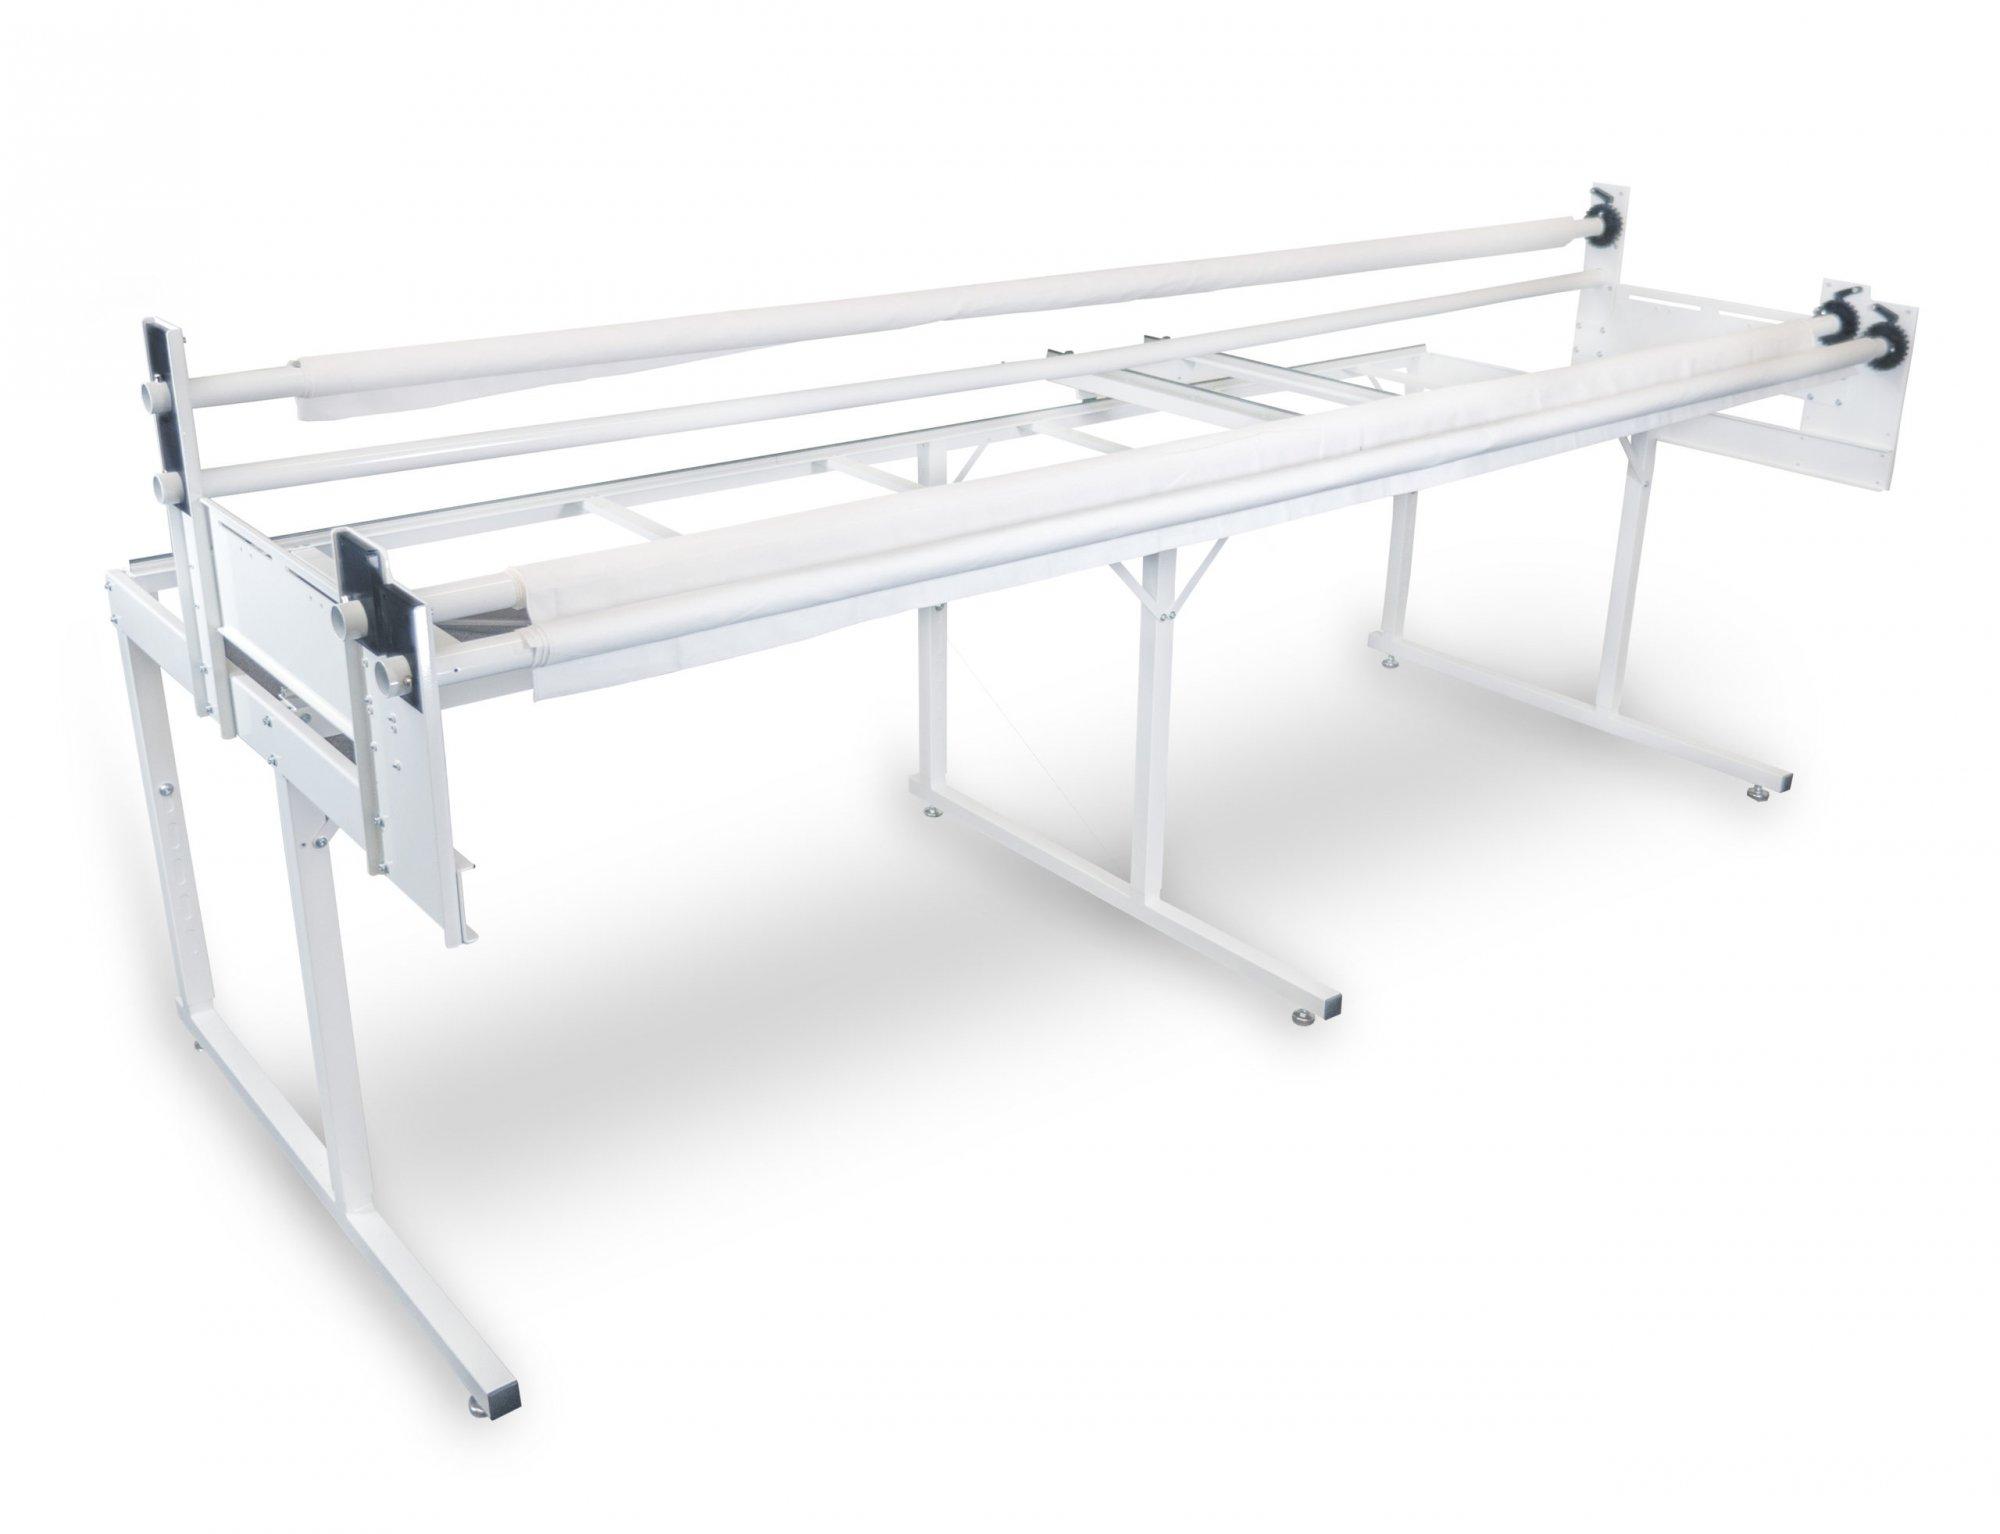 HQ Loft Frame (8-foot Frame System)